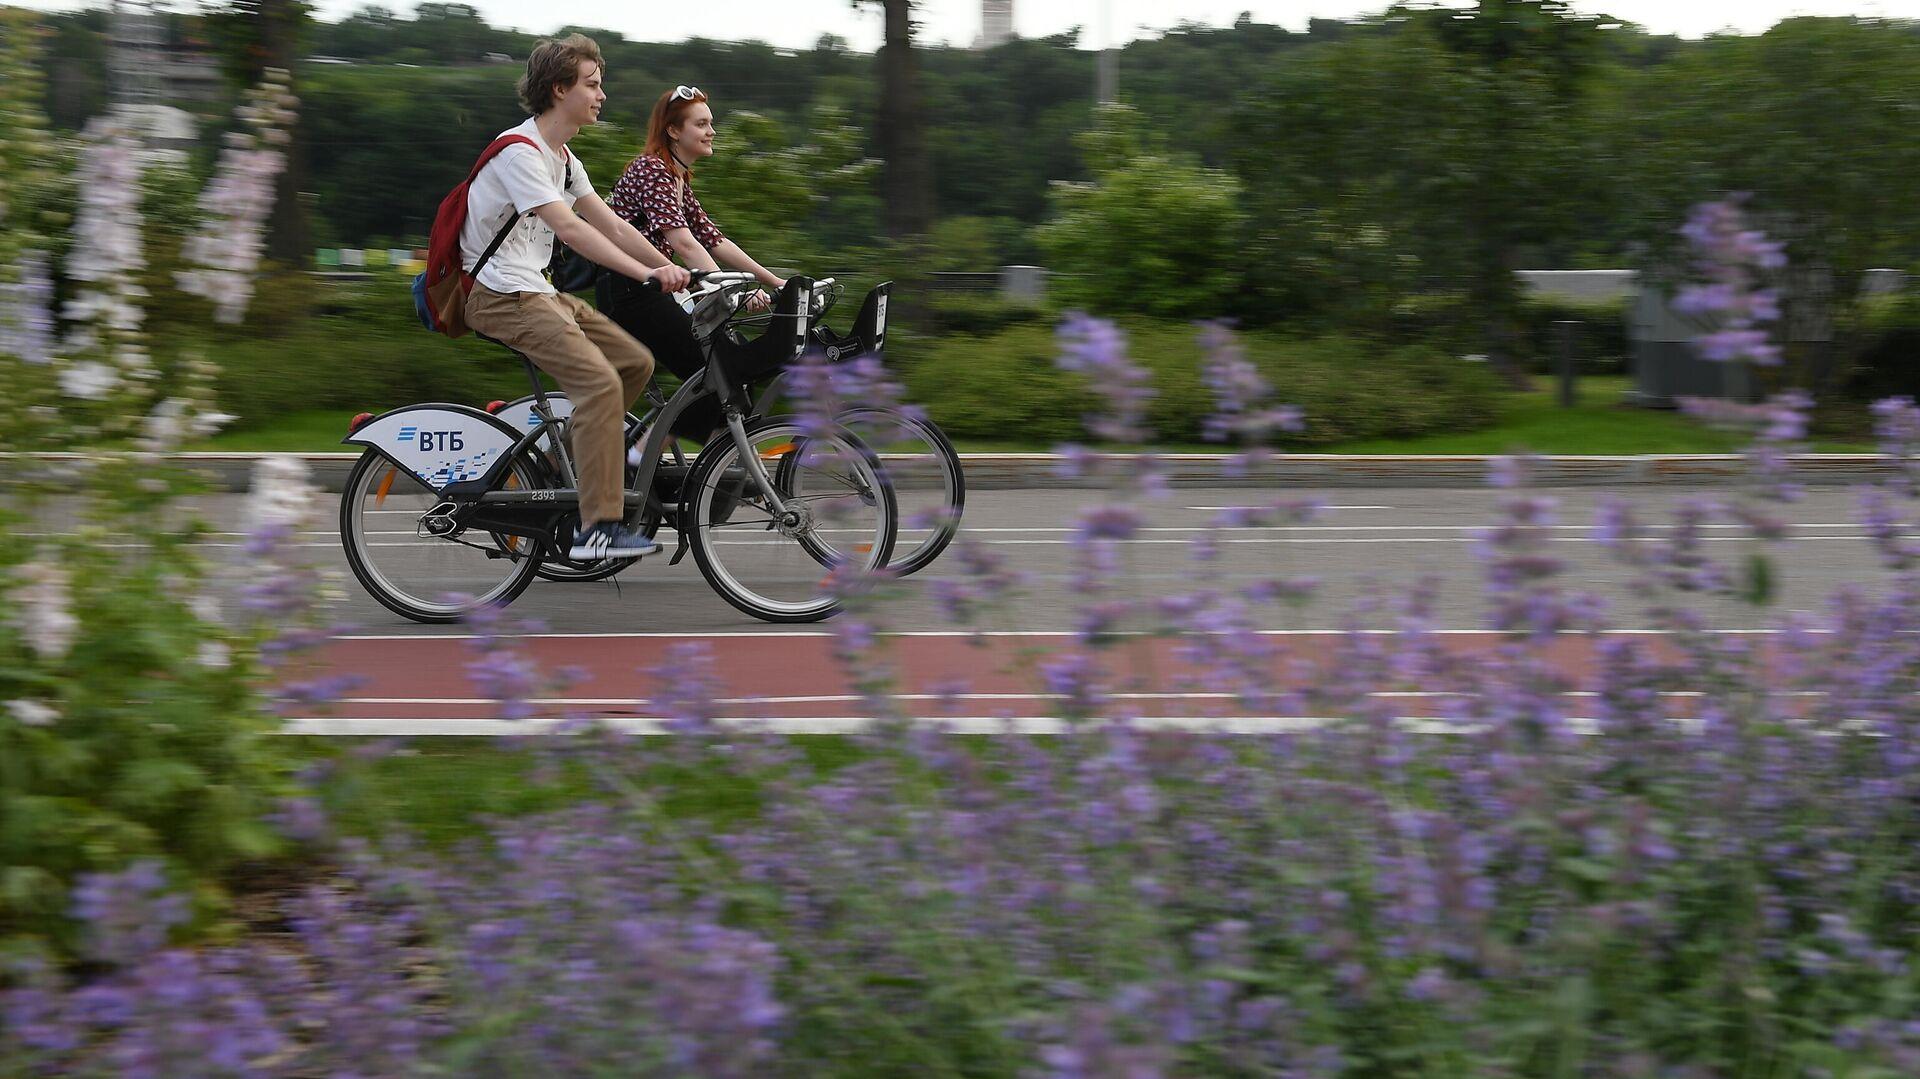 Молодые люди катаются на велосипедах на территории спортивного комплекса Лужники в Москве - РИА Новости, 1920, 02.07.2021